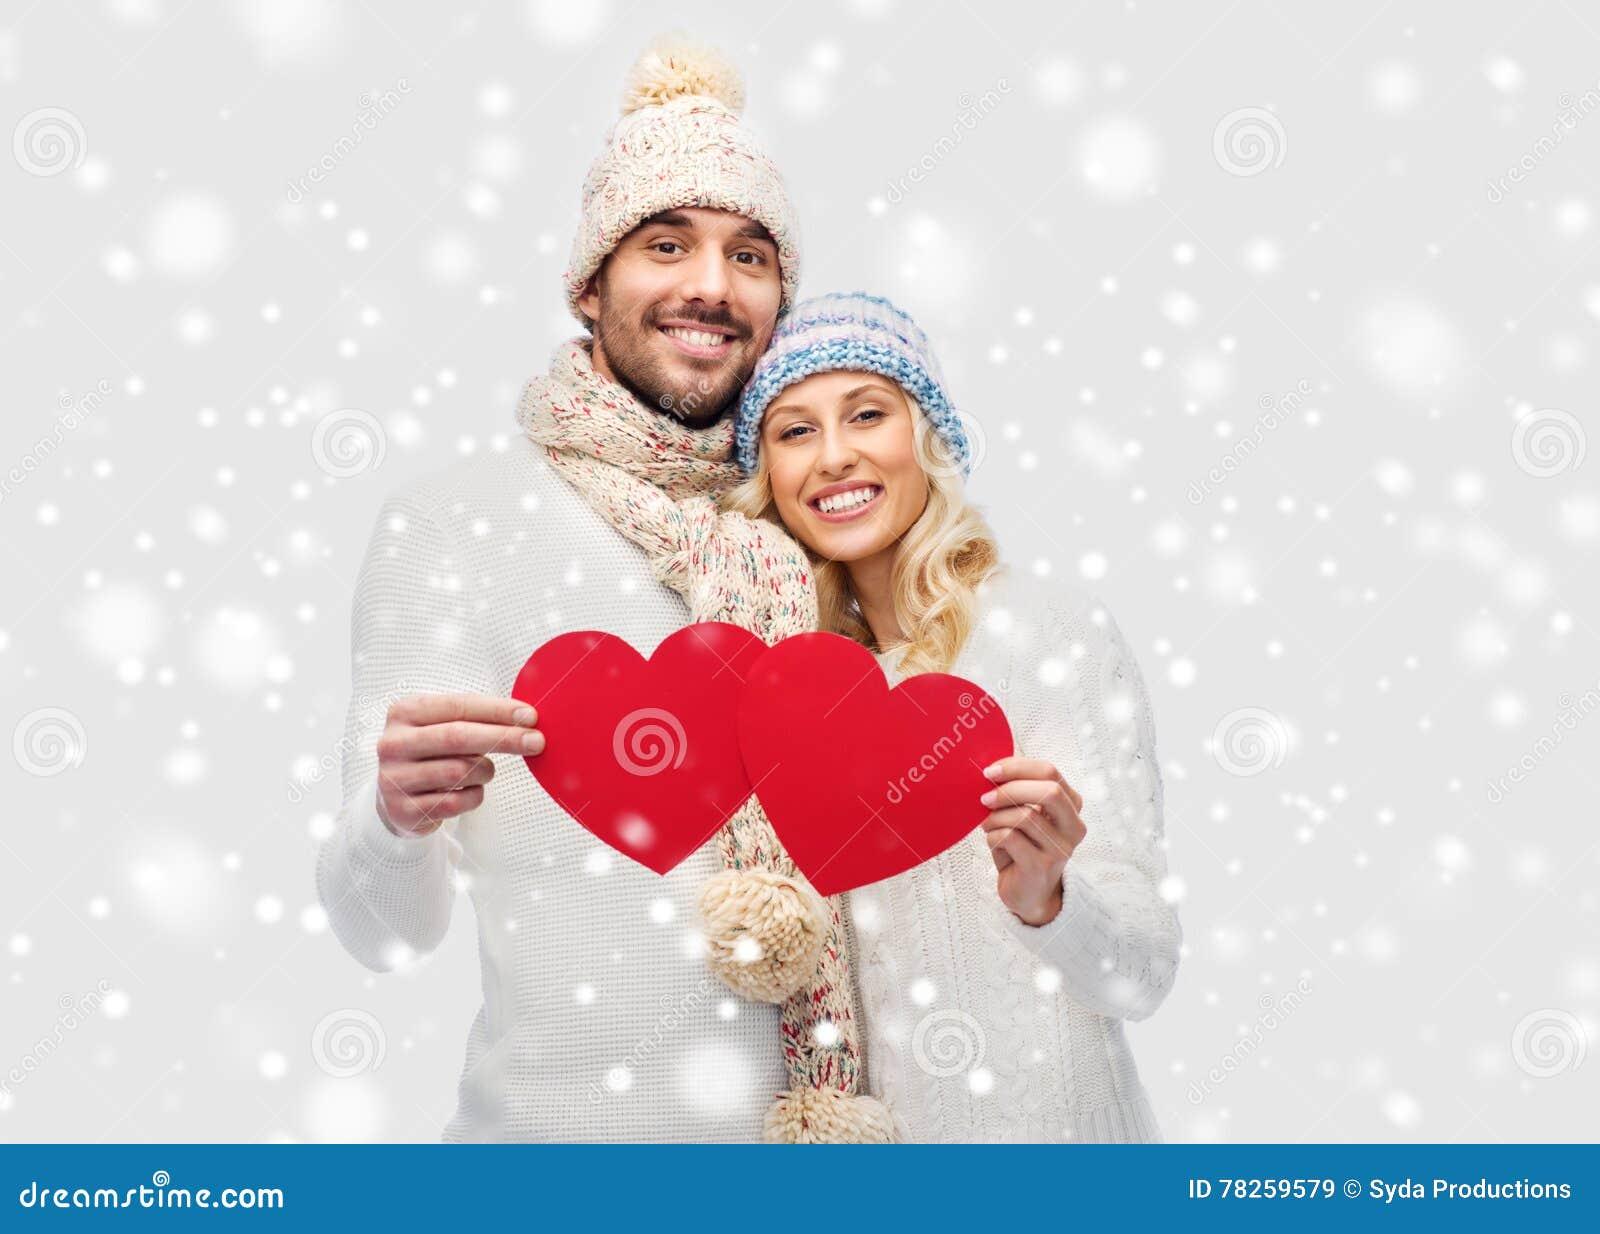 Χαμογελώντας ζεύγος στα χειμερινά ενδύματα με τις κόκκινες καρδιές